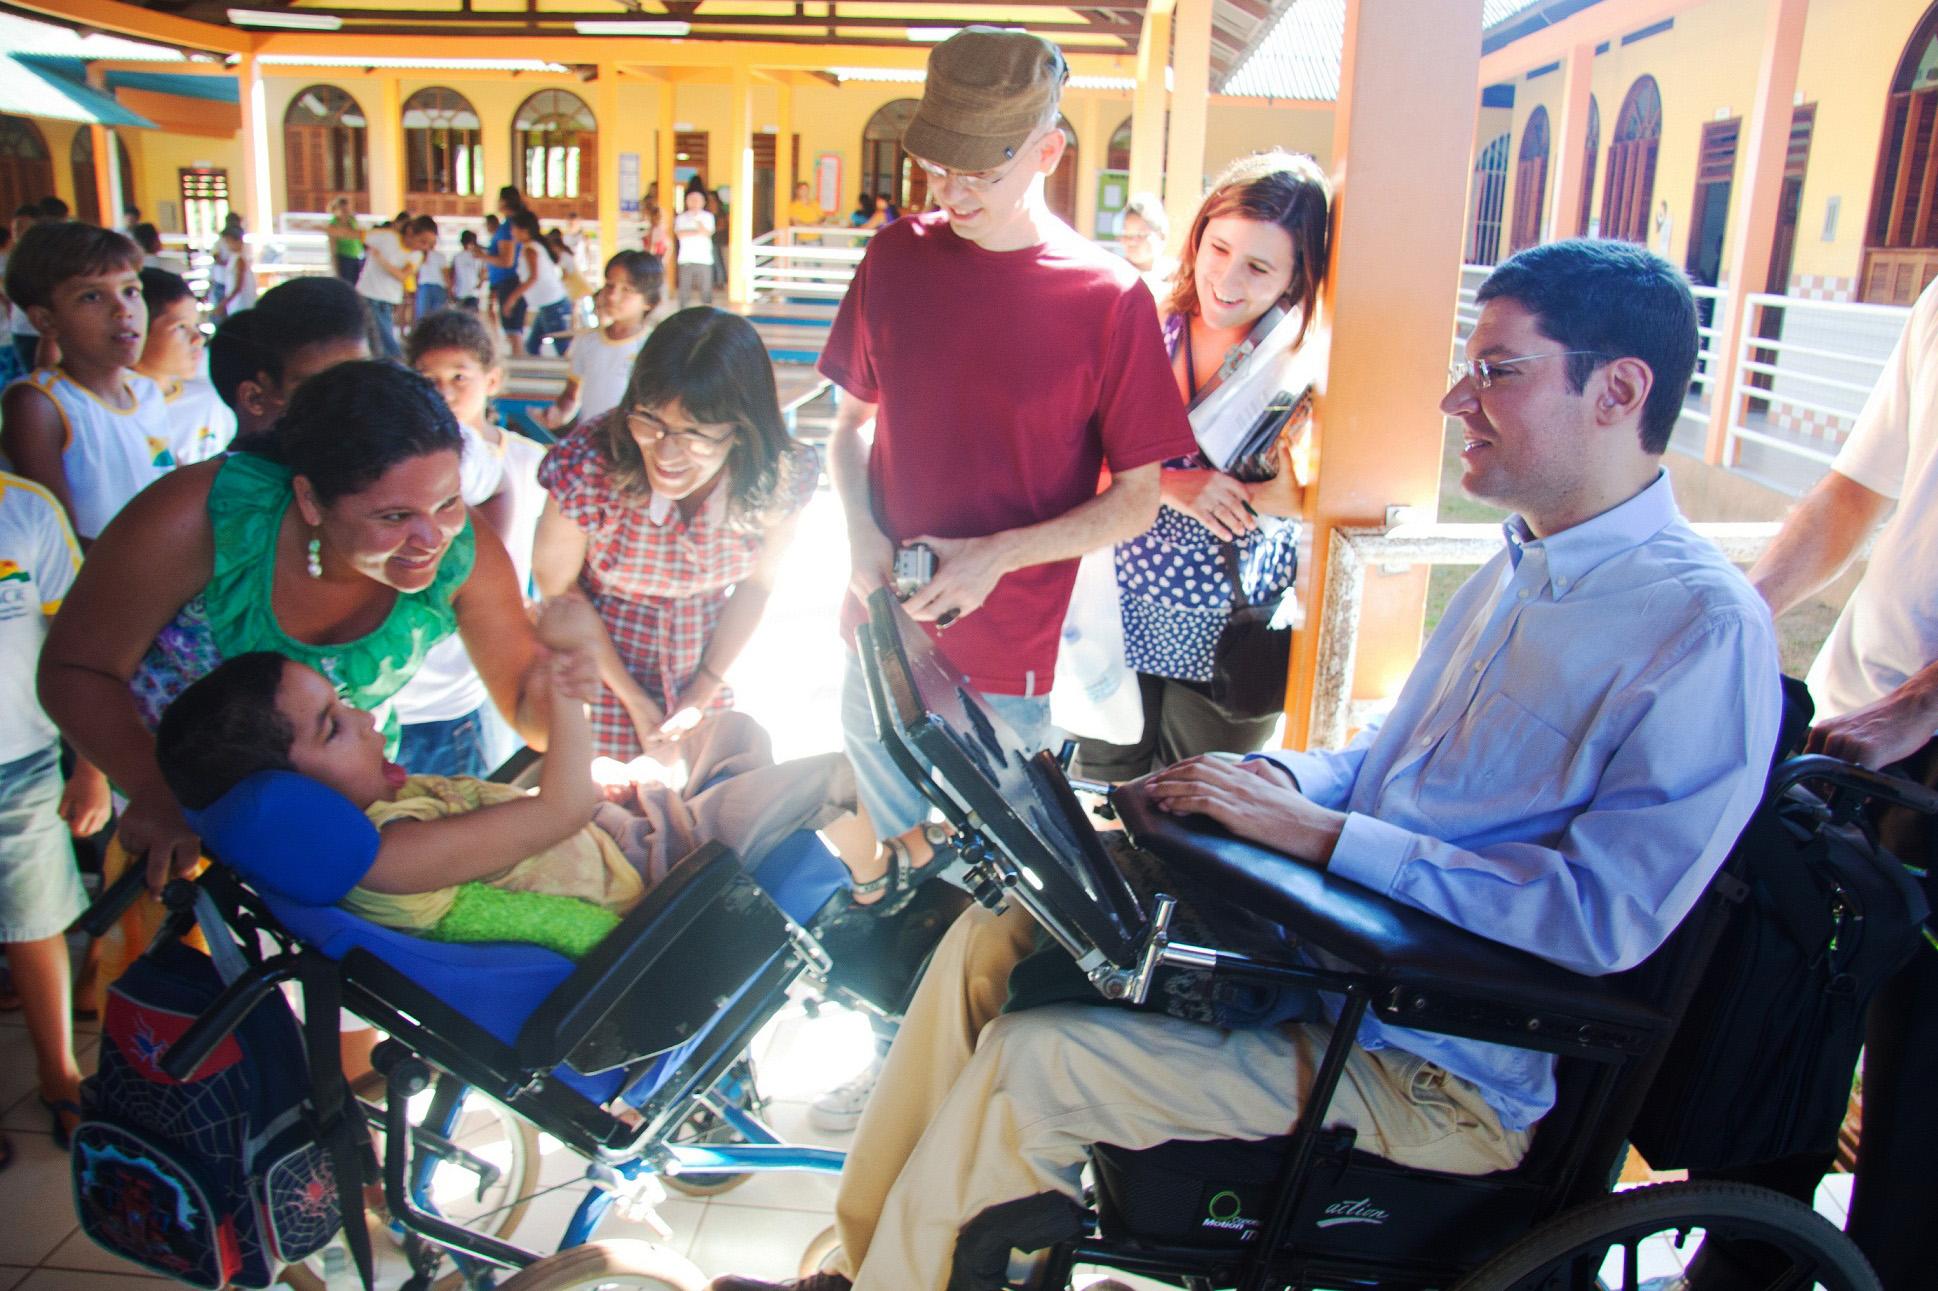 Em pátio escolar, grupo de pessoas se reúne em torno de Rodrigo e um garoto com deficiência, ambos em cadeira de rodas. A mãe do garoto, sorrindo, segura a cadeira com uma mão e, com a outra, pega a mão direita do garoto acenando para Rodrigo. Duas mulheres e um homem à volta, observam o gesto e sorriem para o garoto. Ao fundo, há crianças brincando.